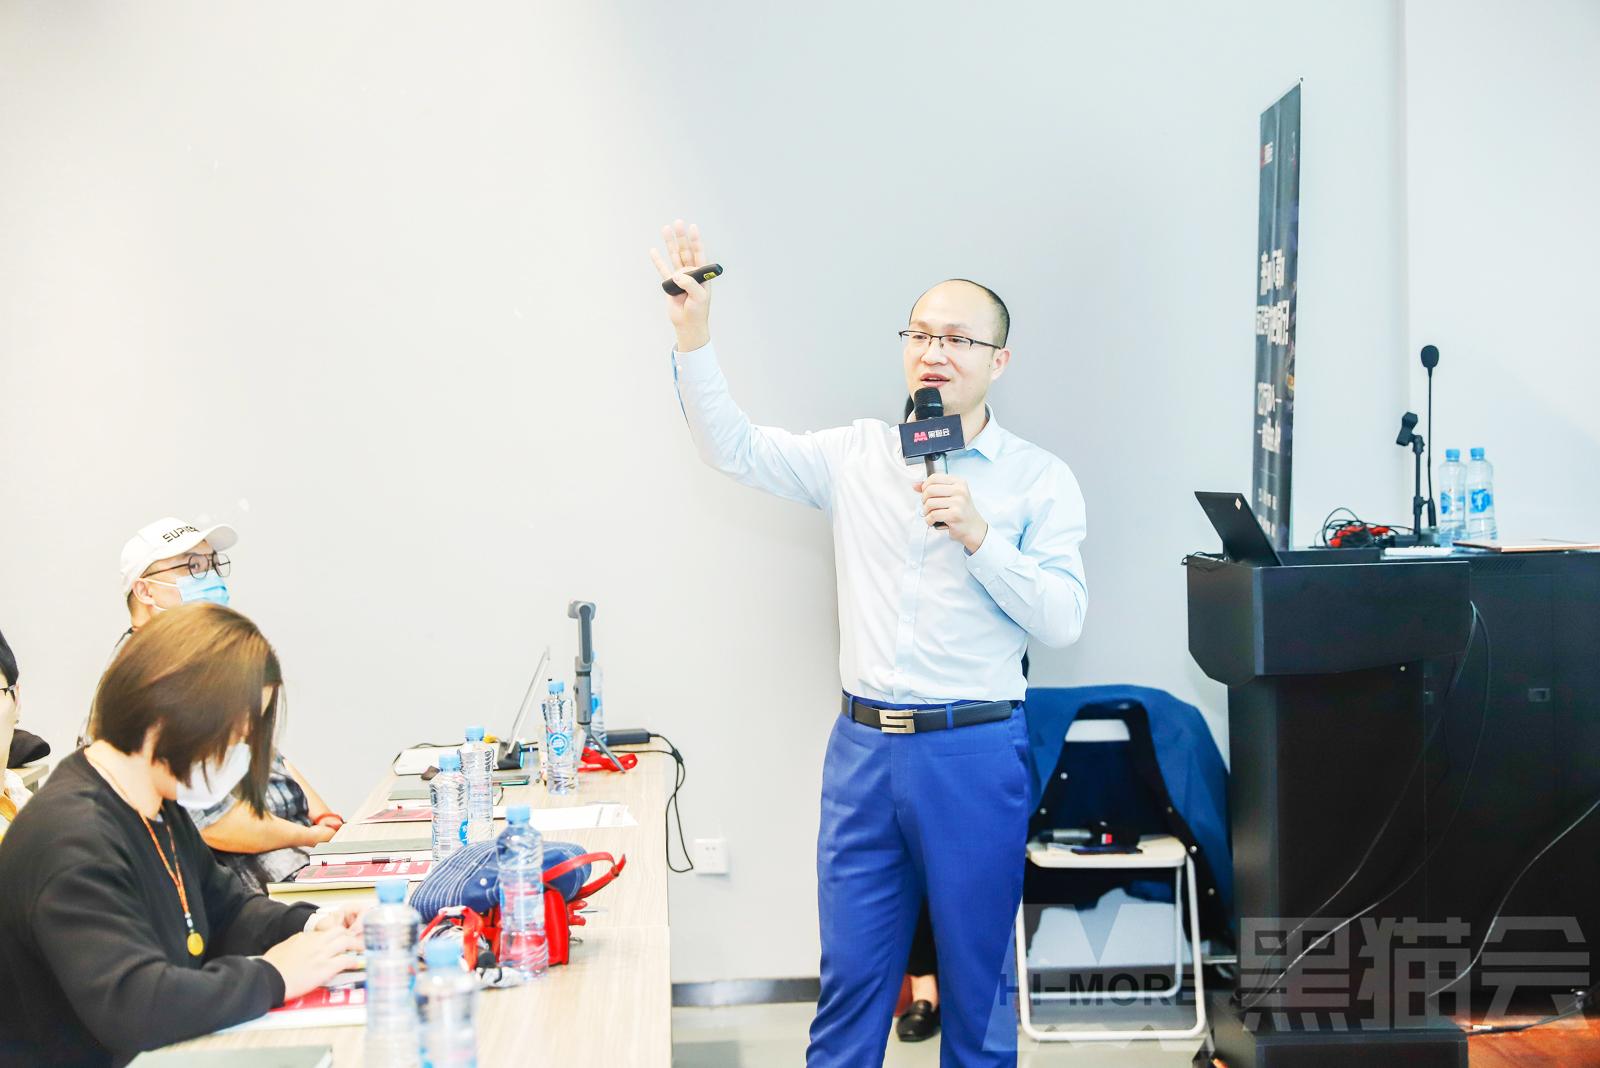 杭州伍方会议服务有限公司副总、会执行讲师邓兴